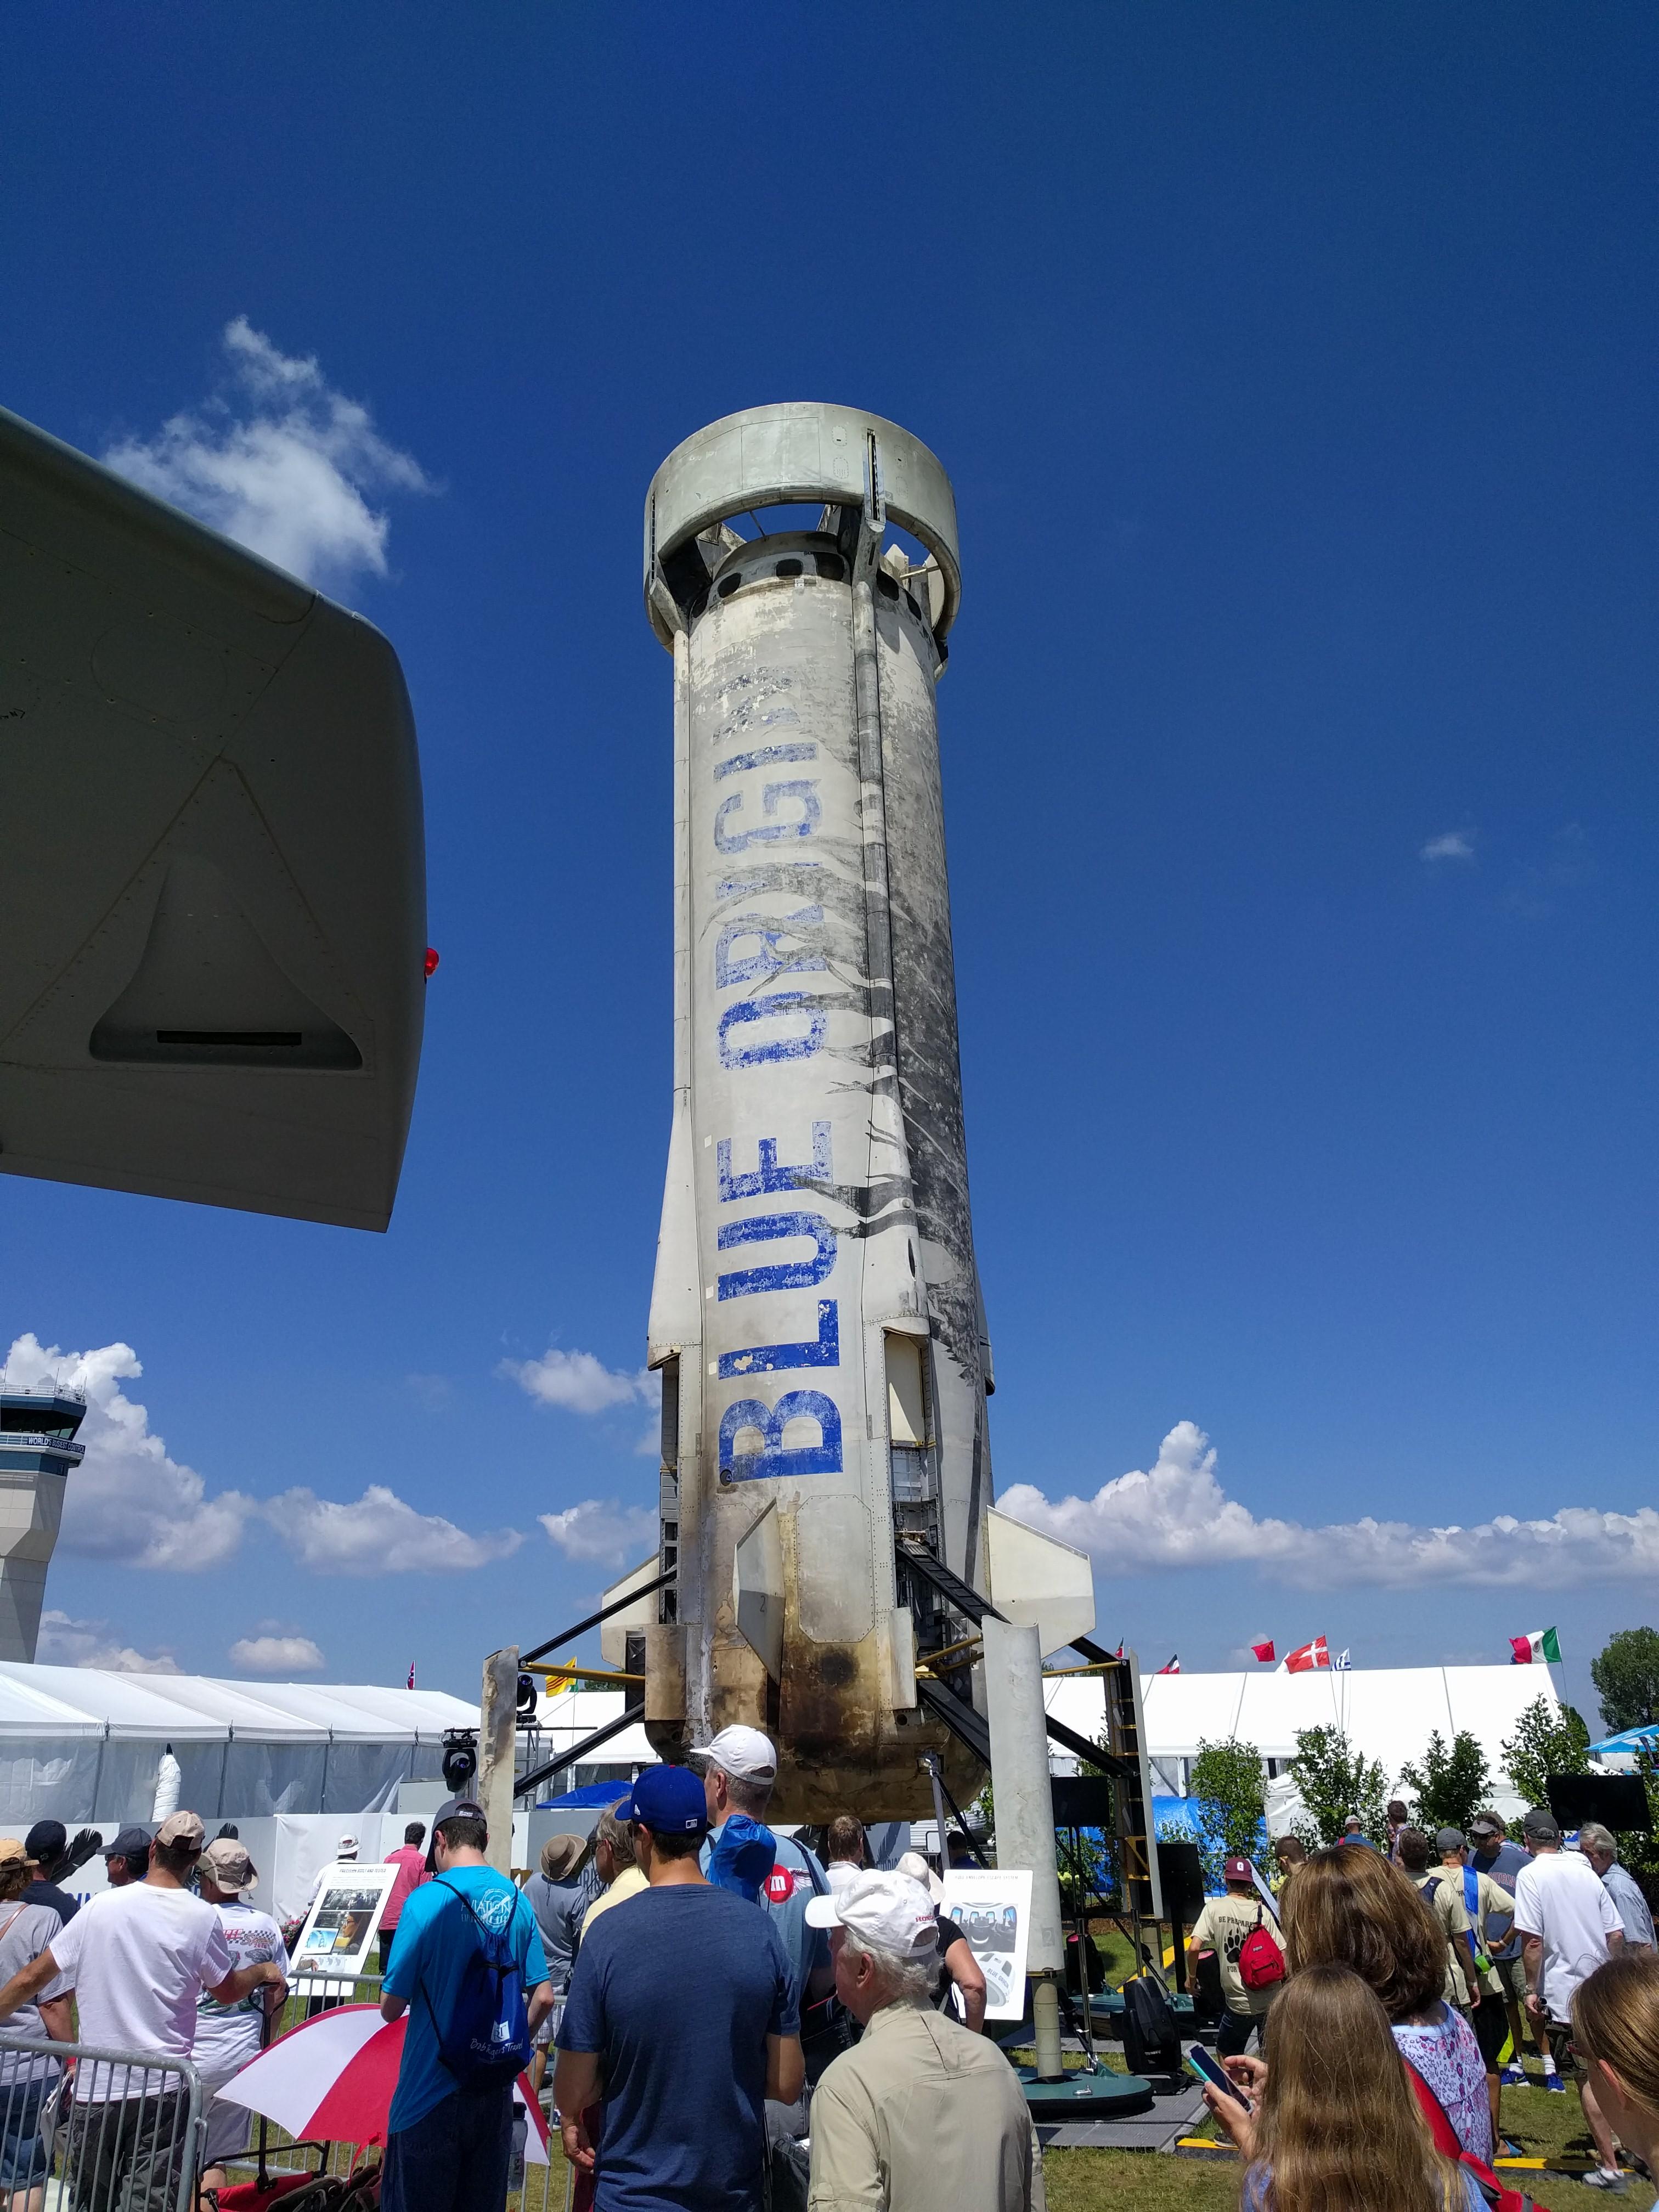 New Shepard, созданная Blue Origin, — первая вистории полностью многоразовая ракета свертикальным взлетом ипосадкой